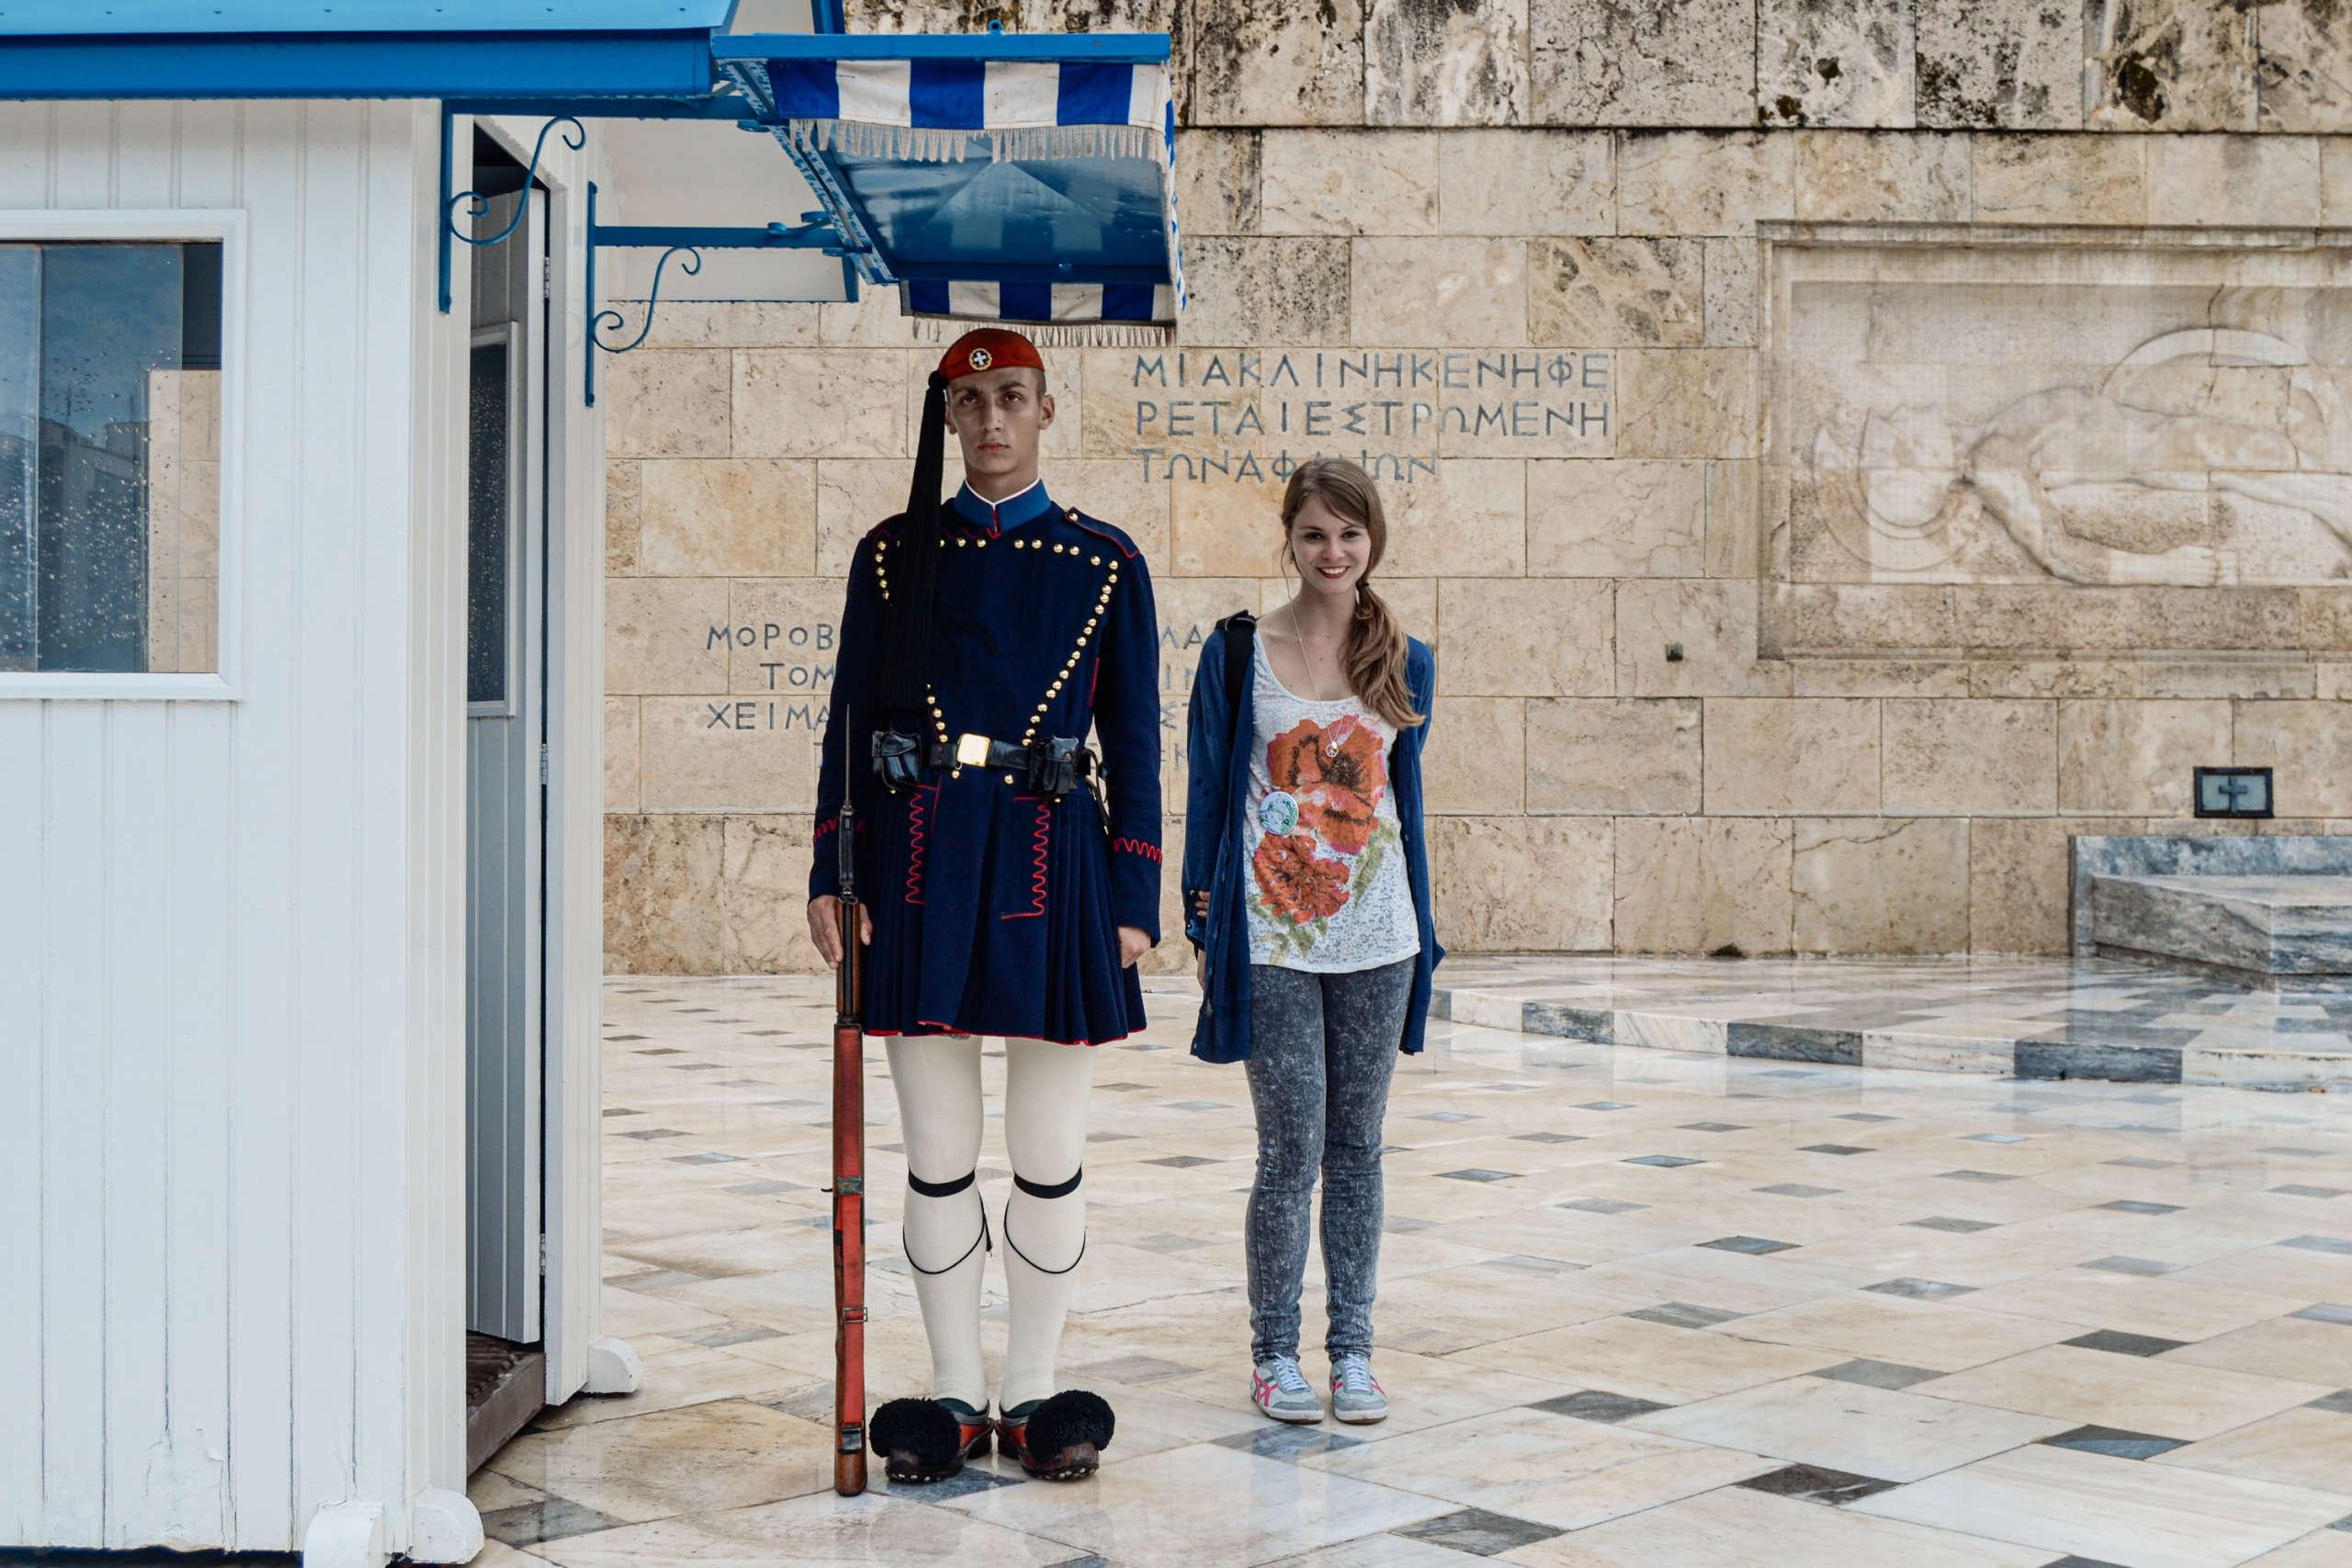 Ein Wächter im traditionellen Kostüm vor dem griechischen Parlament in Athen, neben ihm postiert eine lächelnde Frau für das Foto.